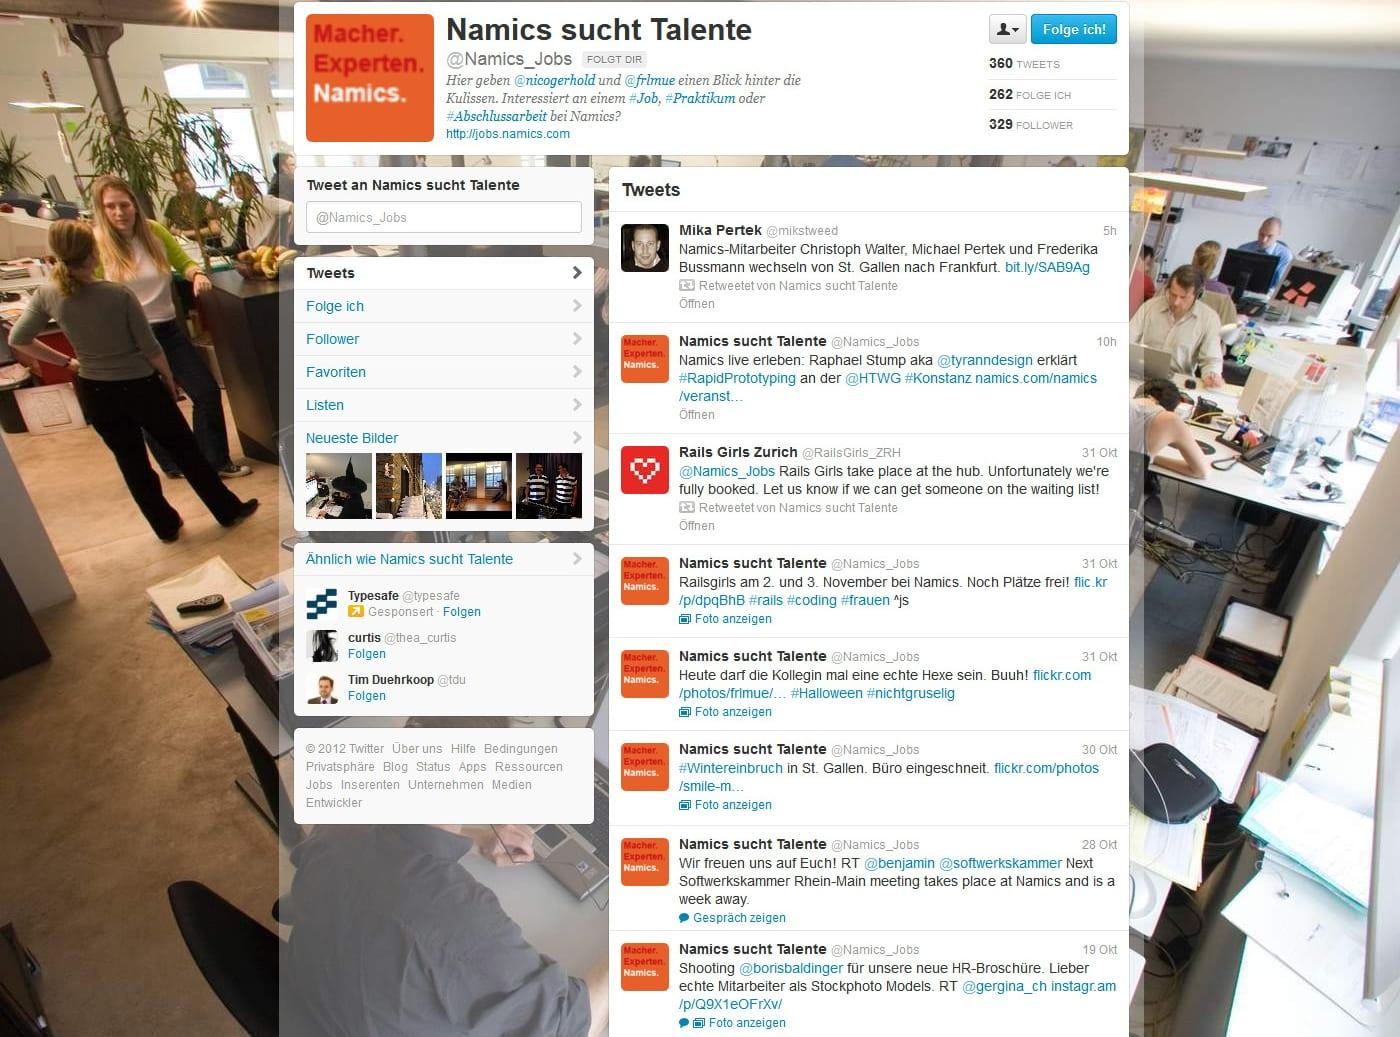 Schön gemacht - Namics sucht Talente mit Vorstellung des Teams, ersten Einblicken in die Namicswelt und Dialog auf Twitter